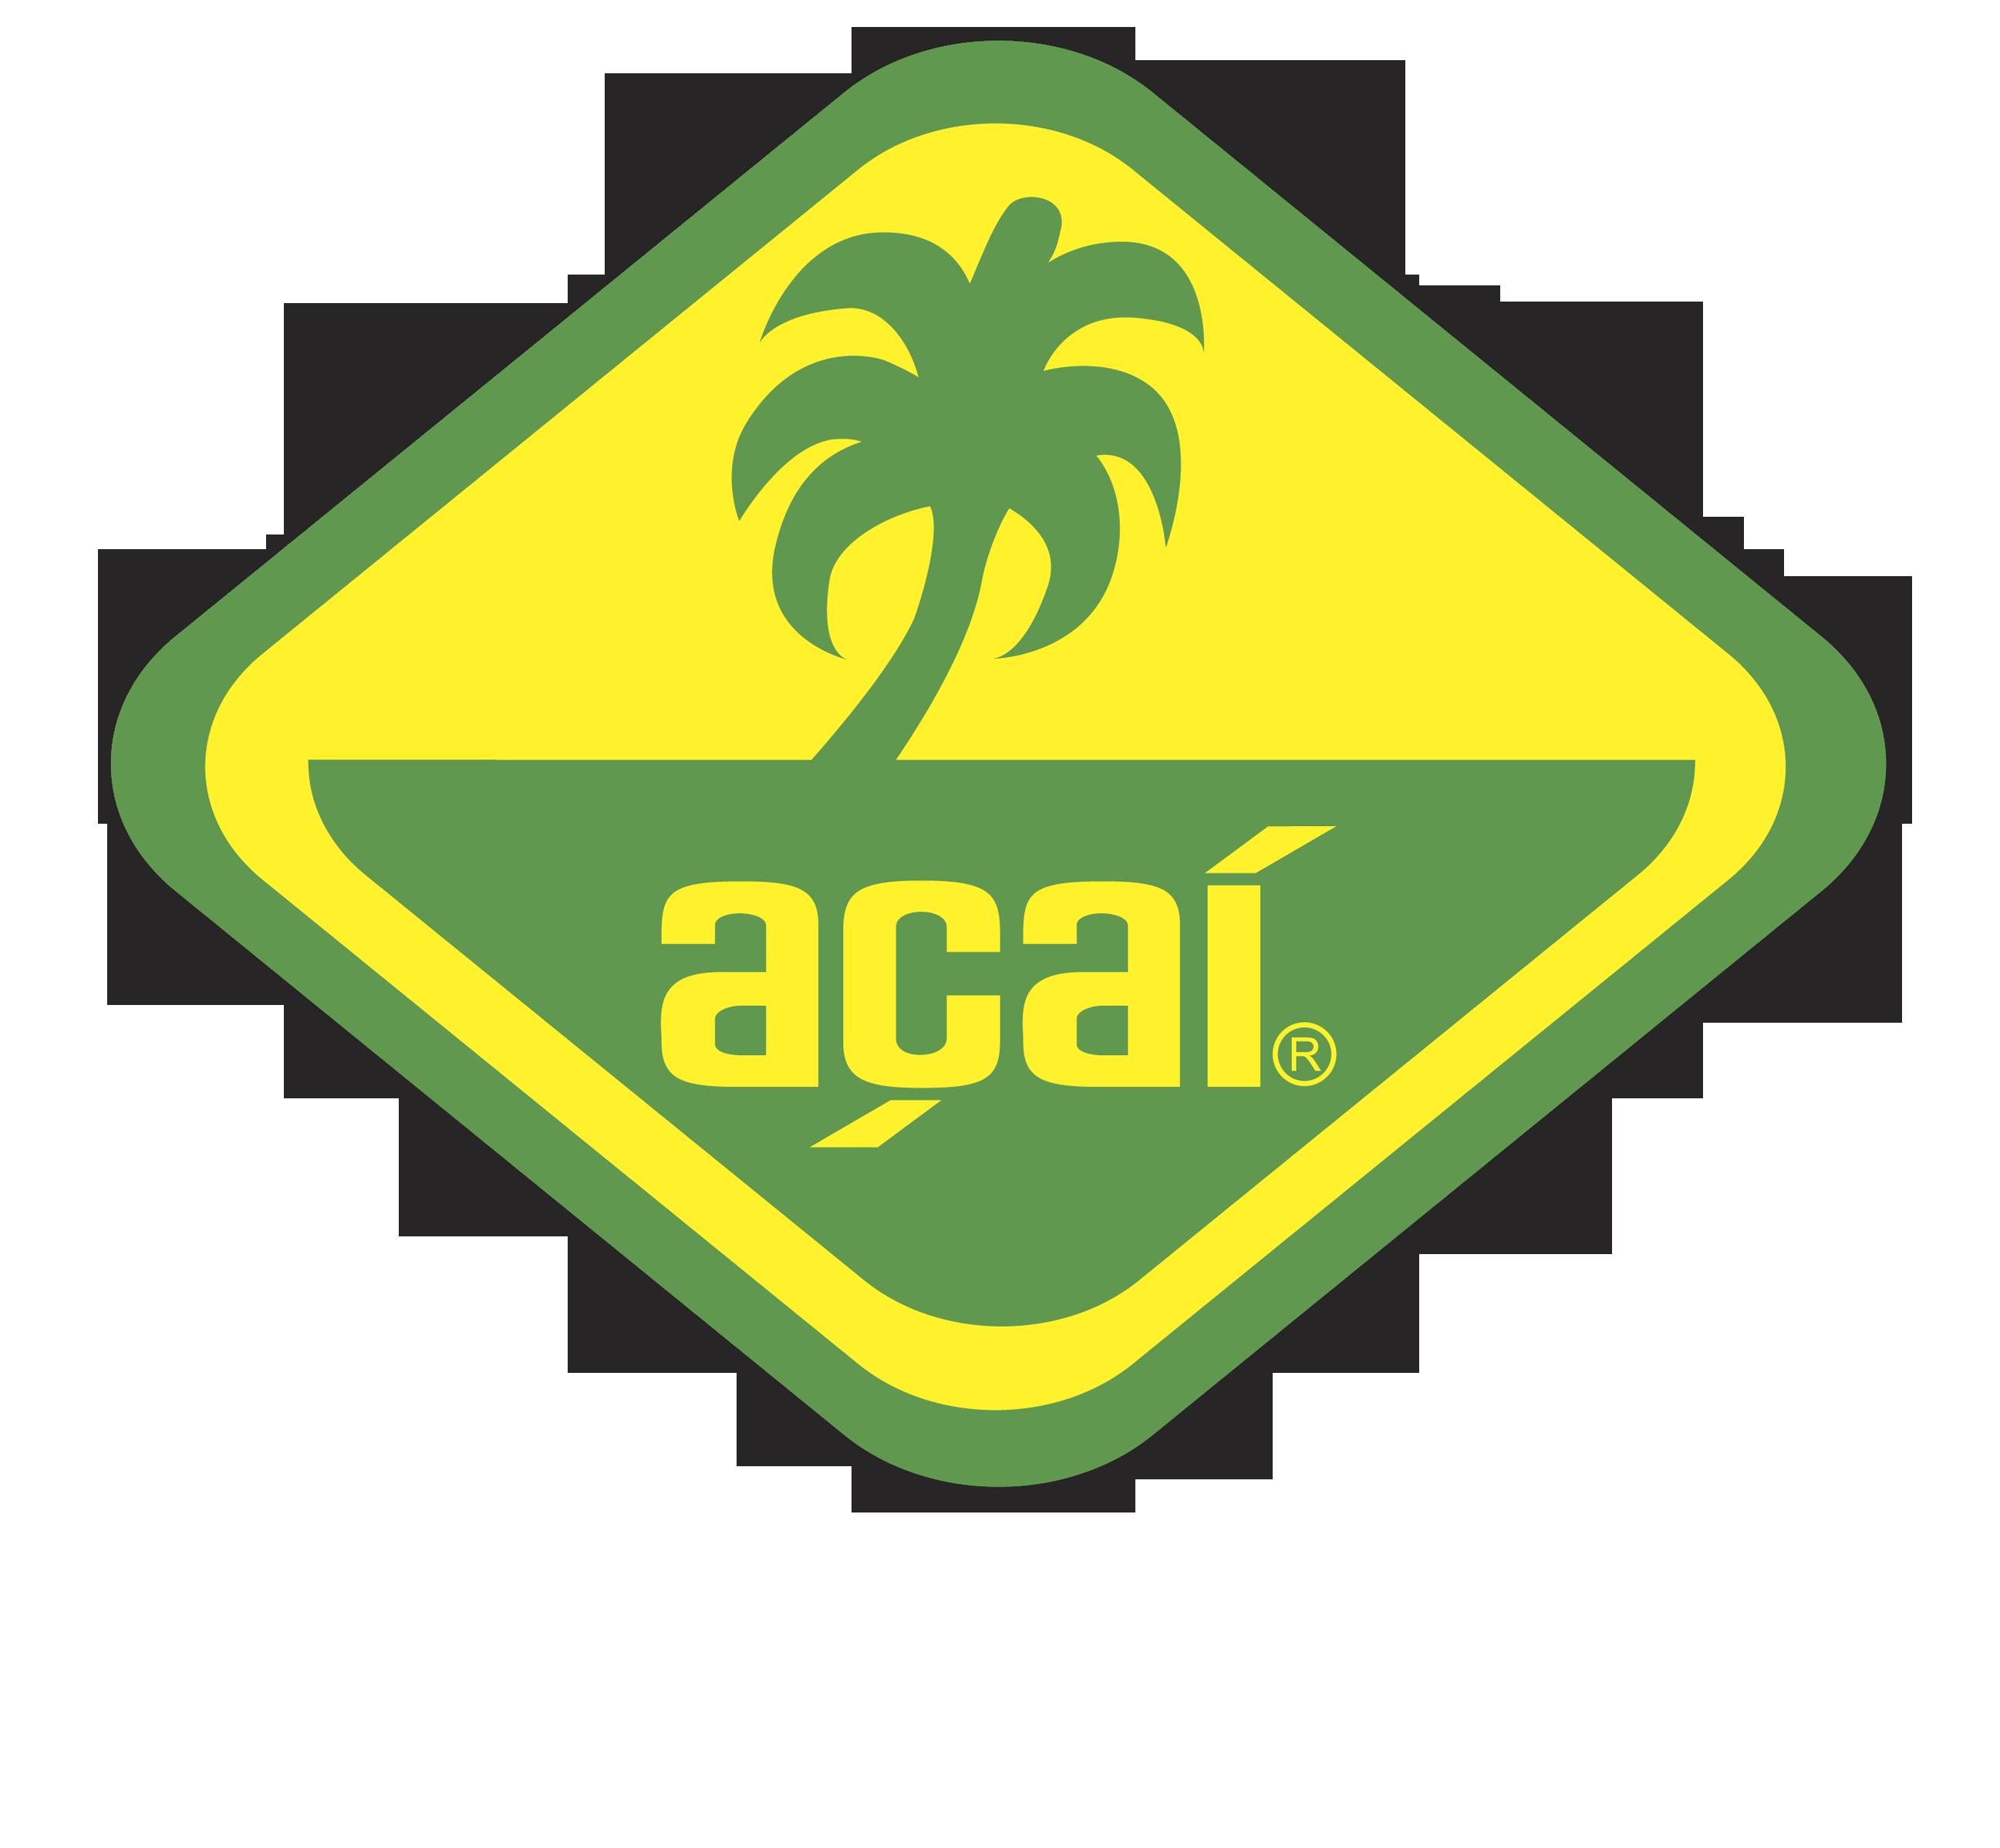 acai_ffc_logo_png-e1594974633498.png